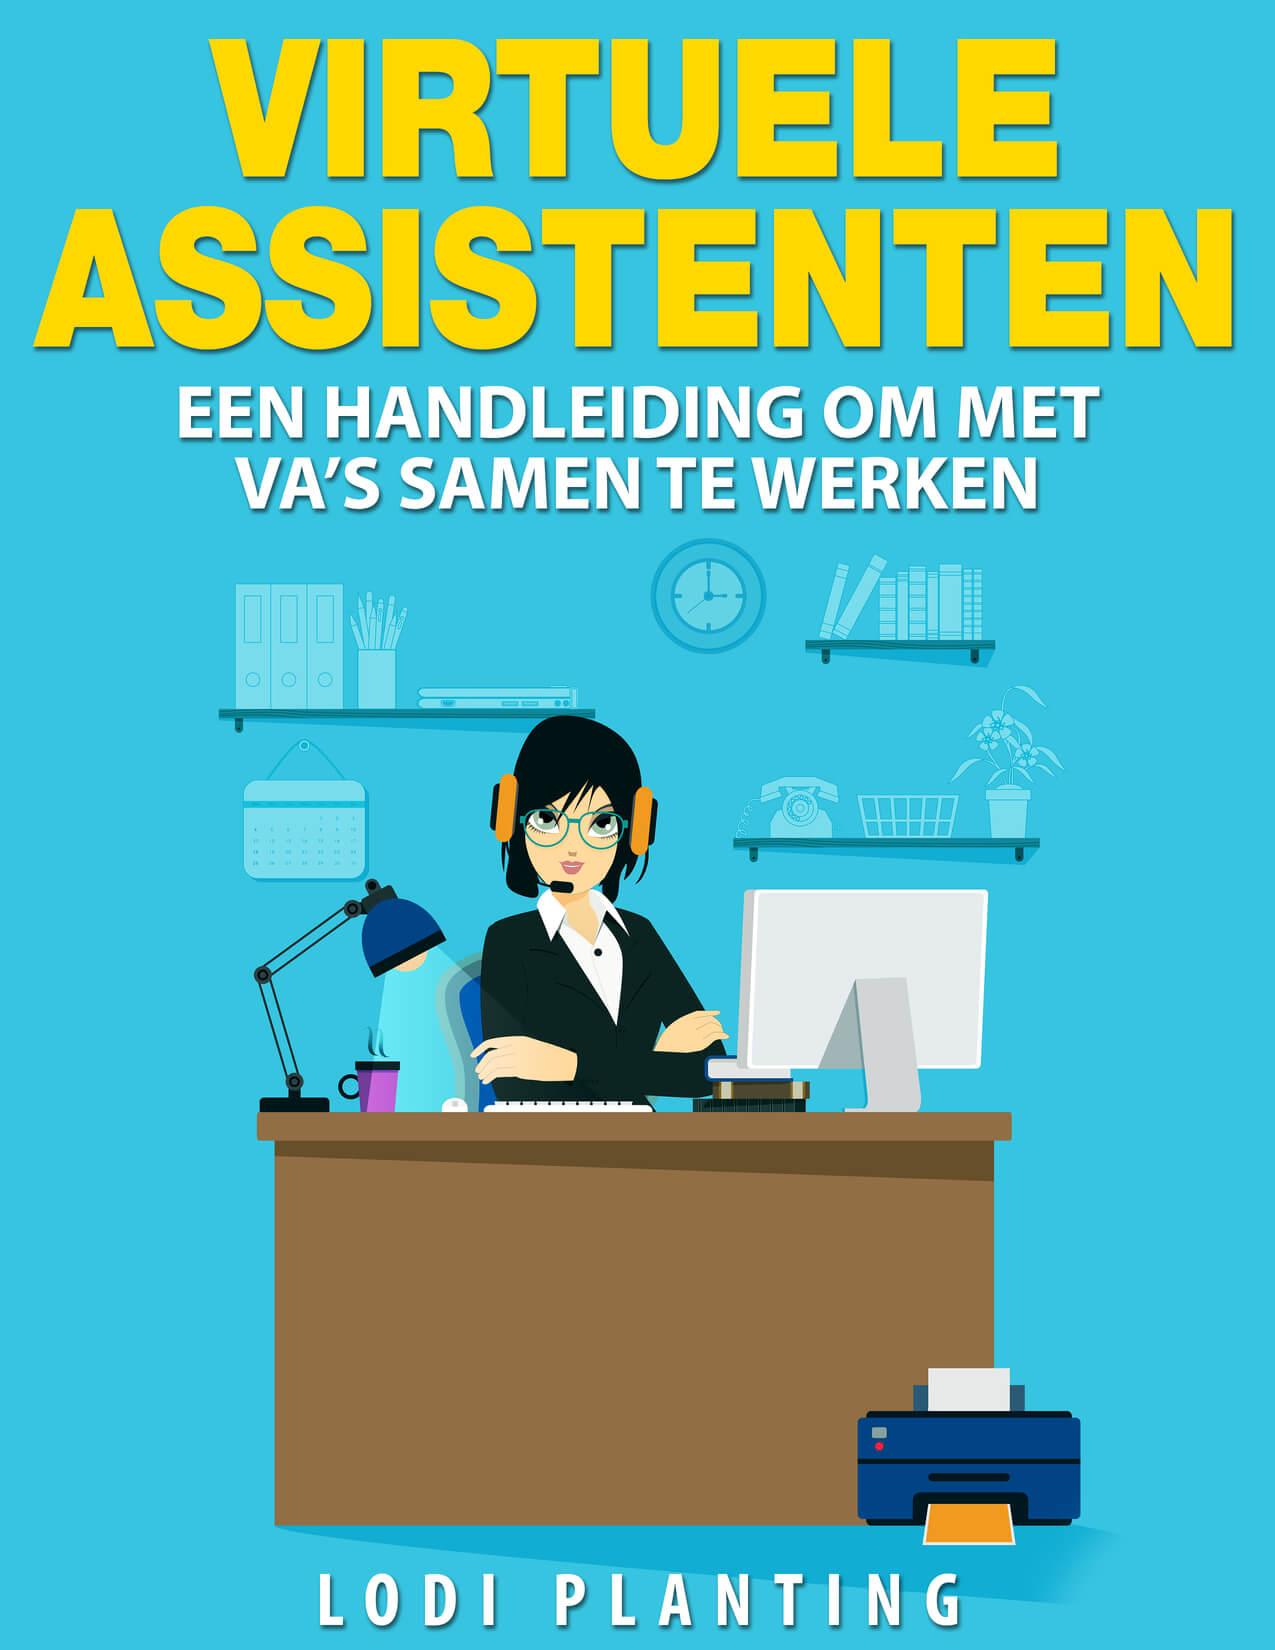 Download het e-boek: Virtuele Assistenten - Een handleiding om met VA's samen te werken